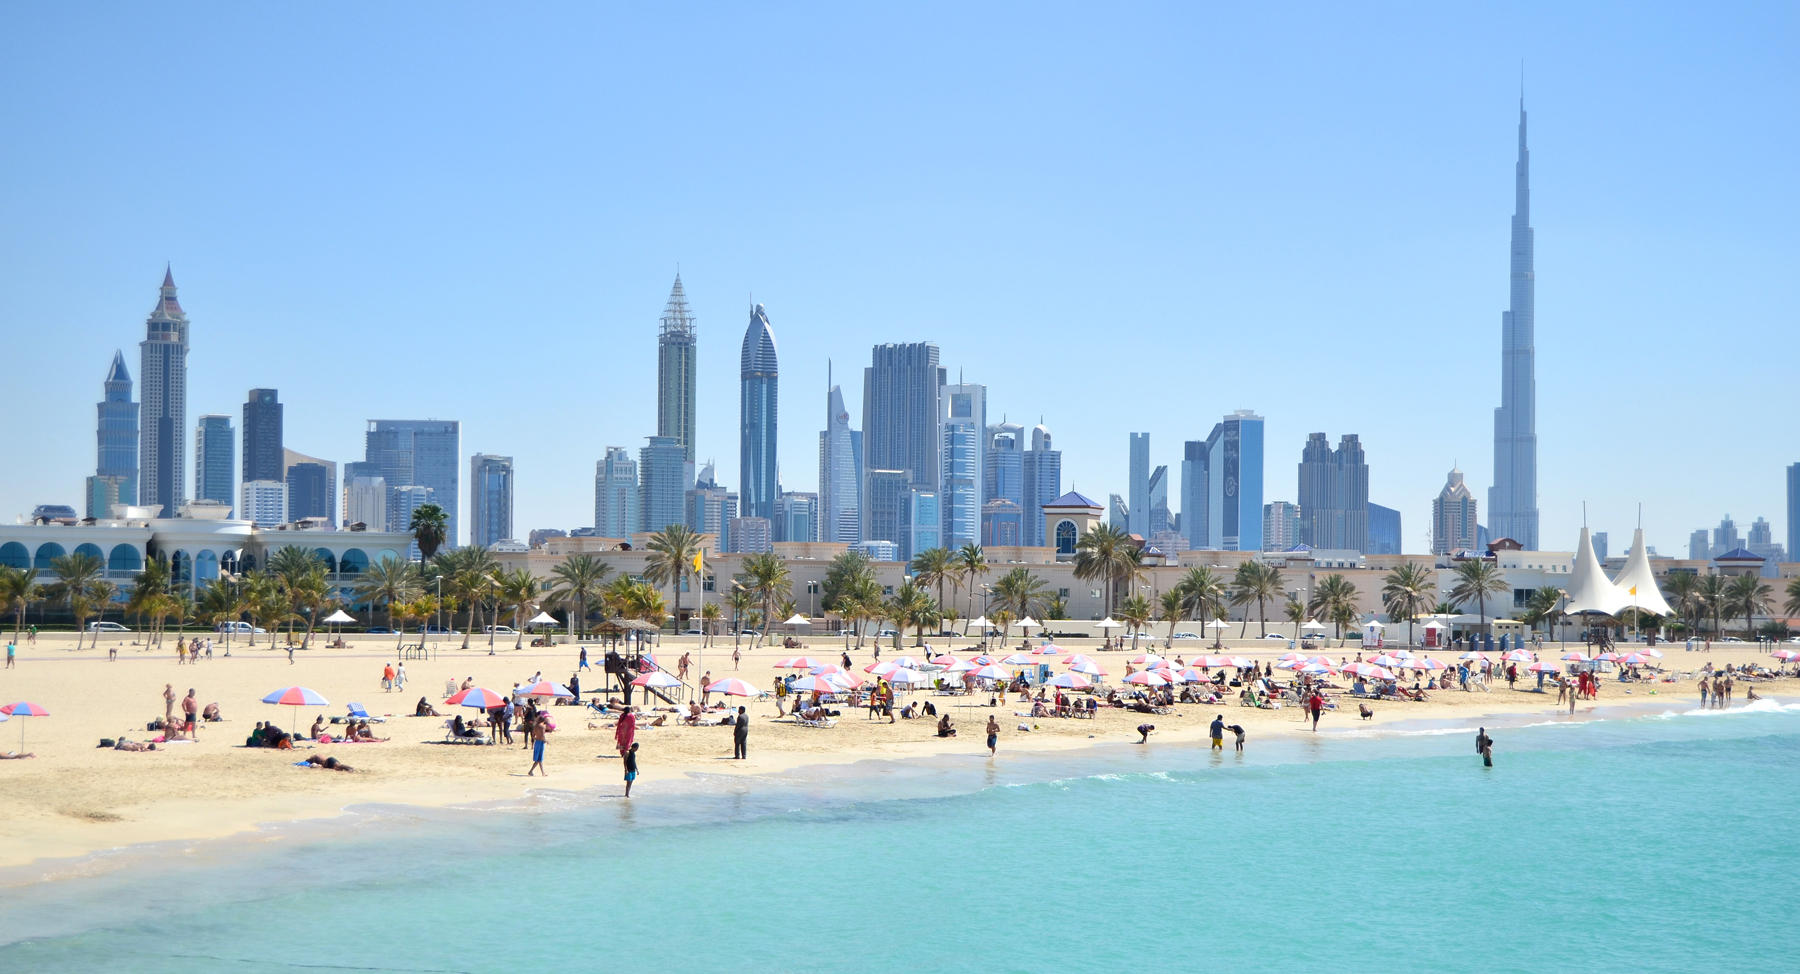 Пляжный отдых в октябре в ОАЭ